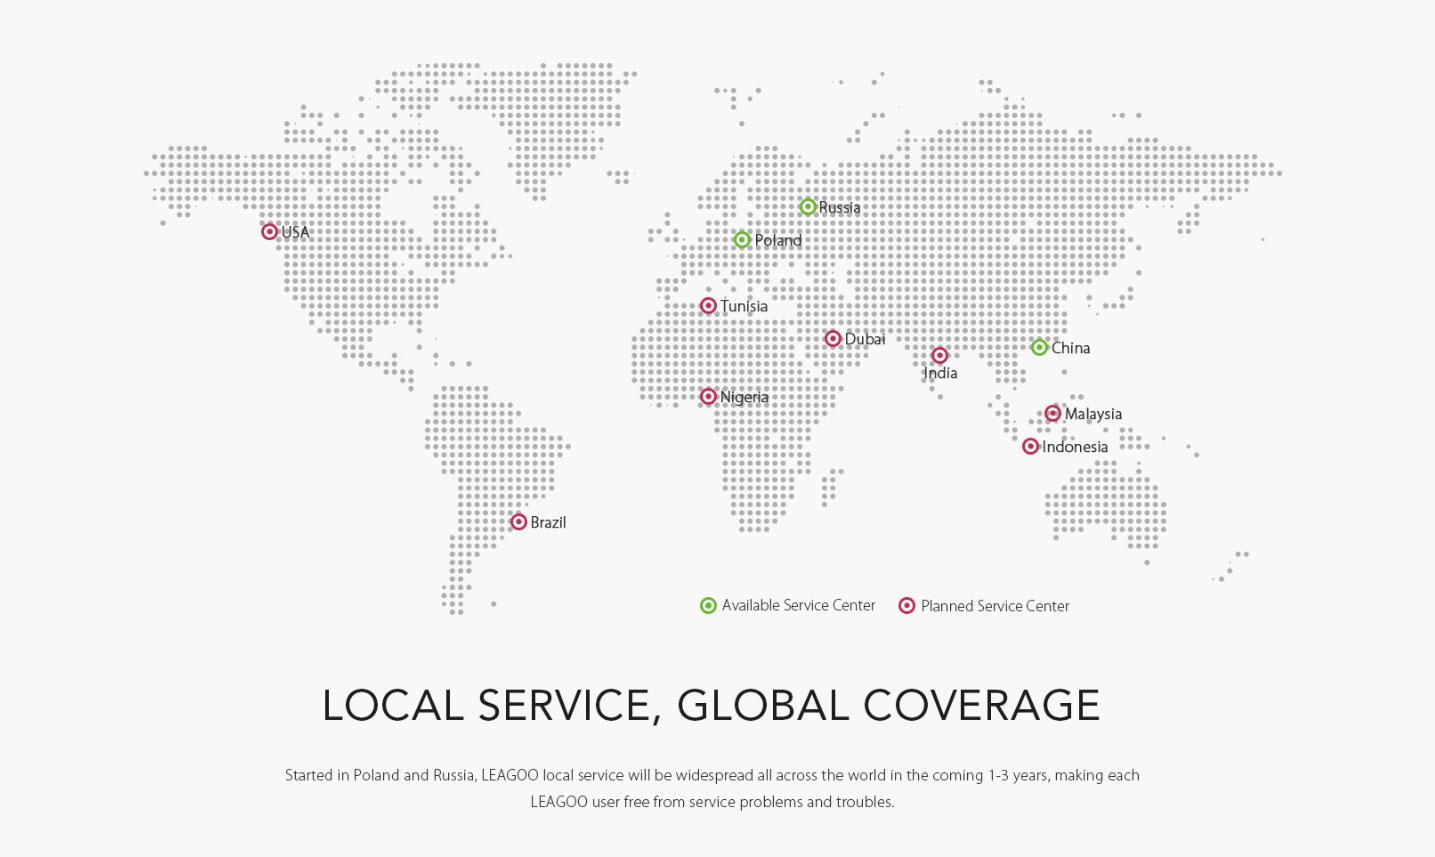 Servicio global de Leagoo